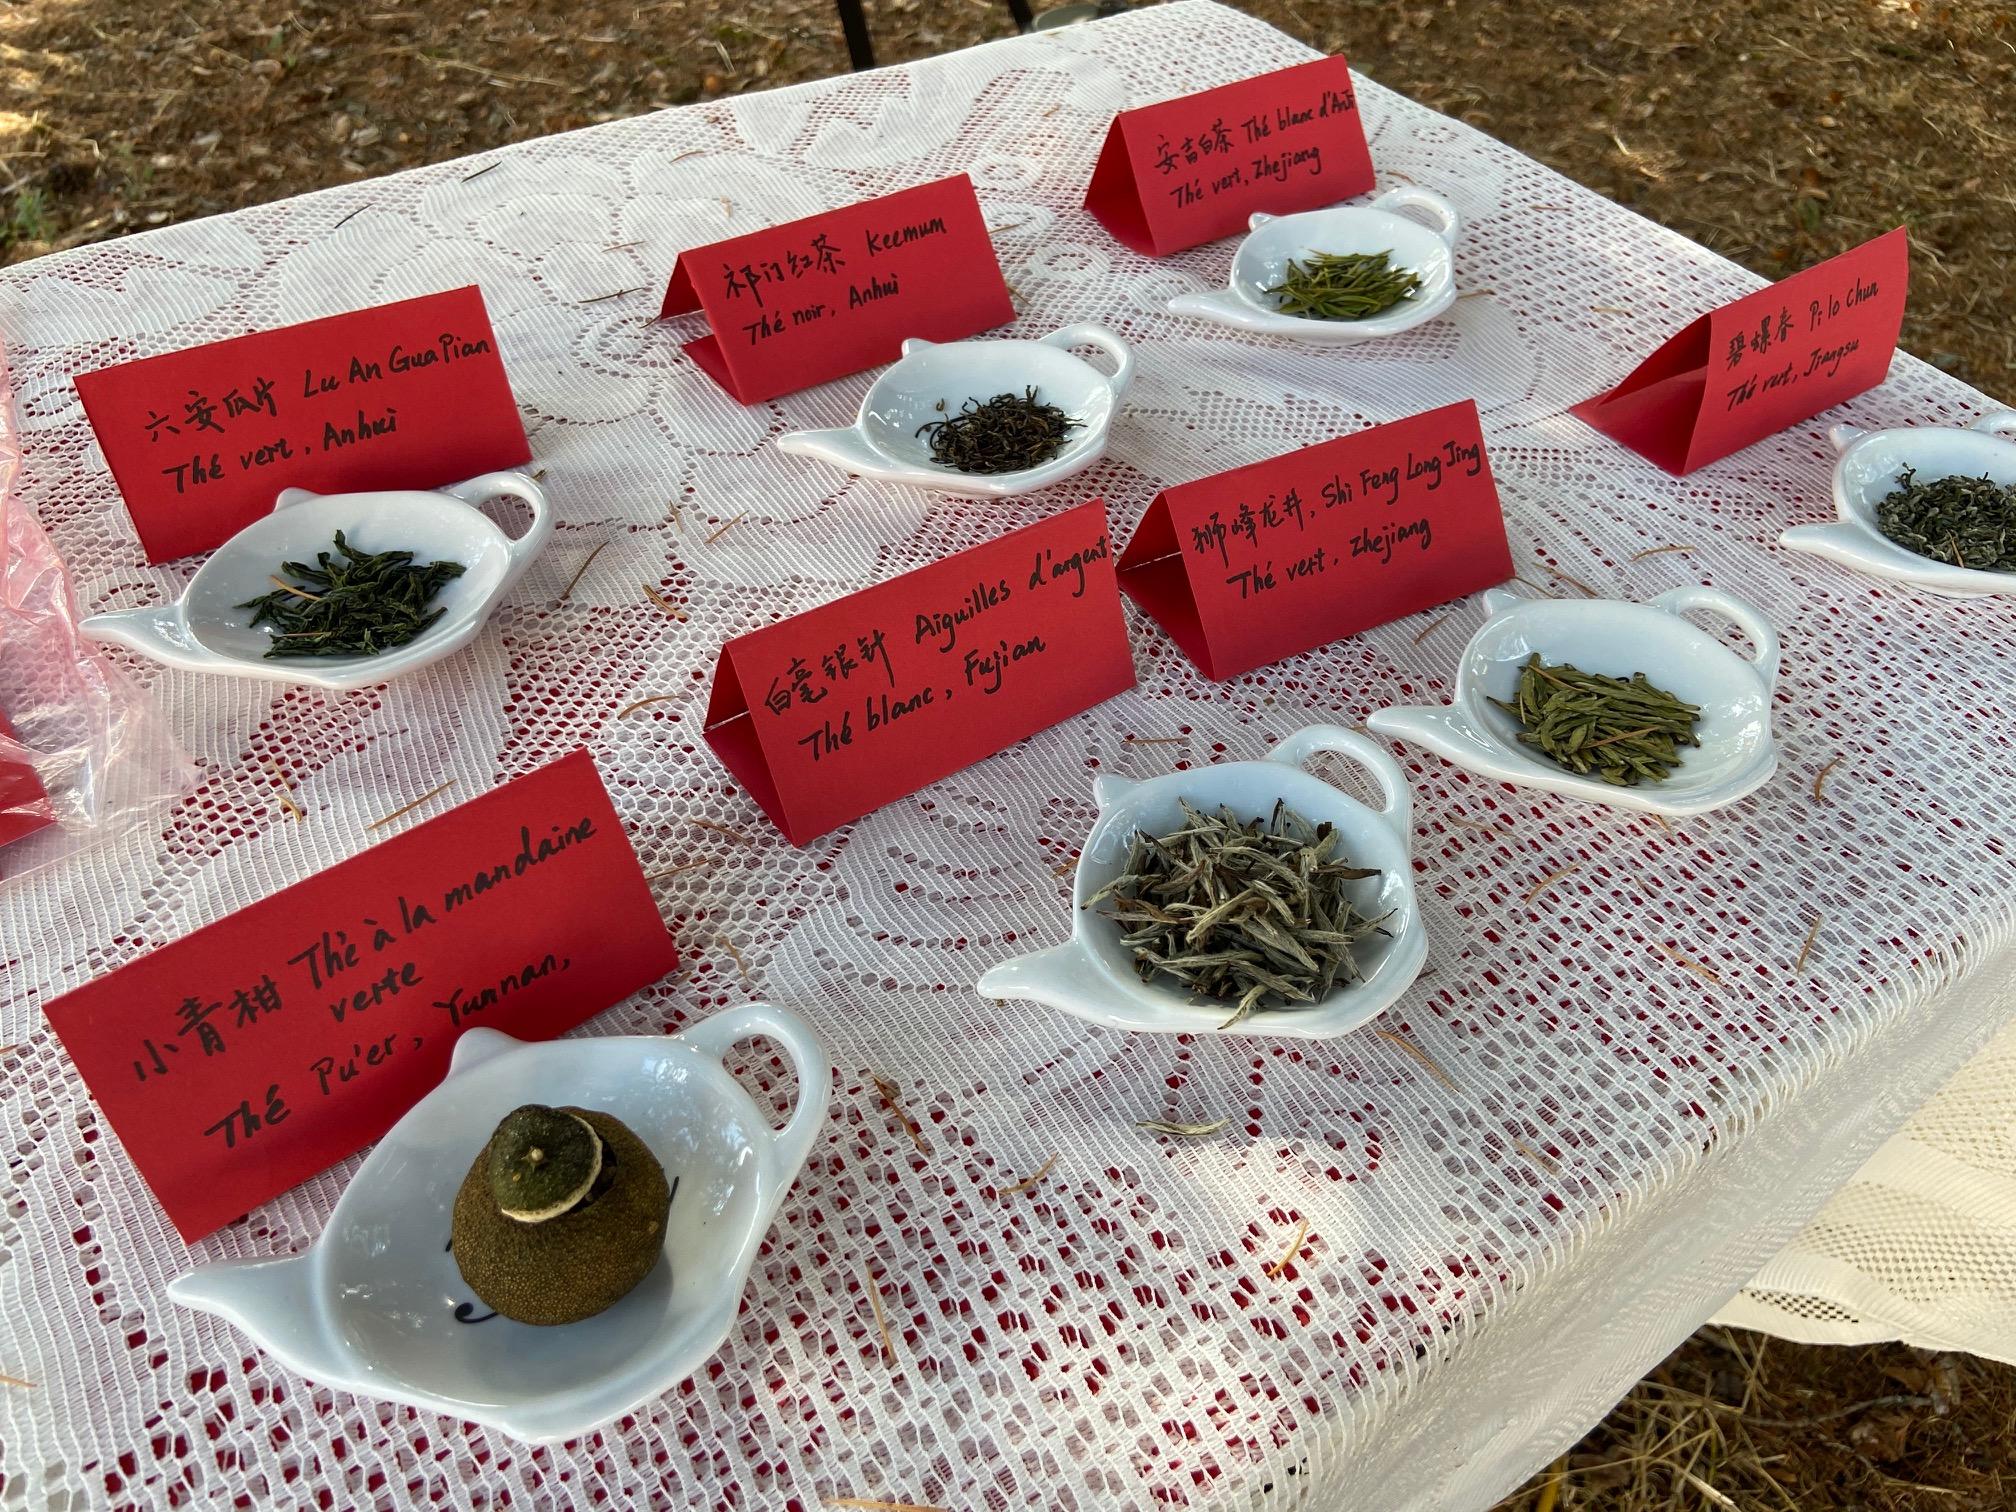 Les thés proposés lors de cette cérémonie : blanc, Oolong, vert... (c) X.C.